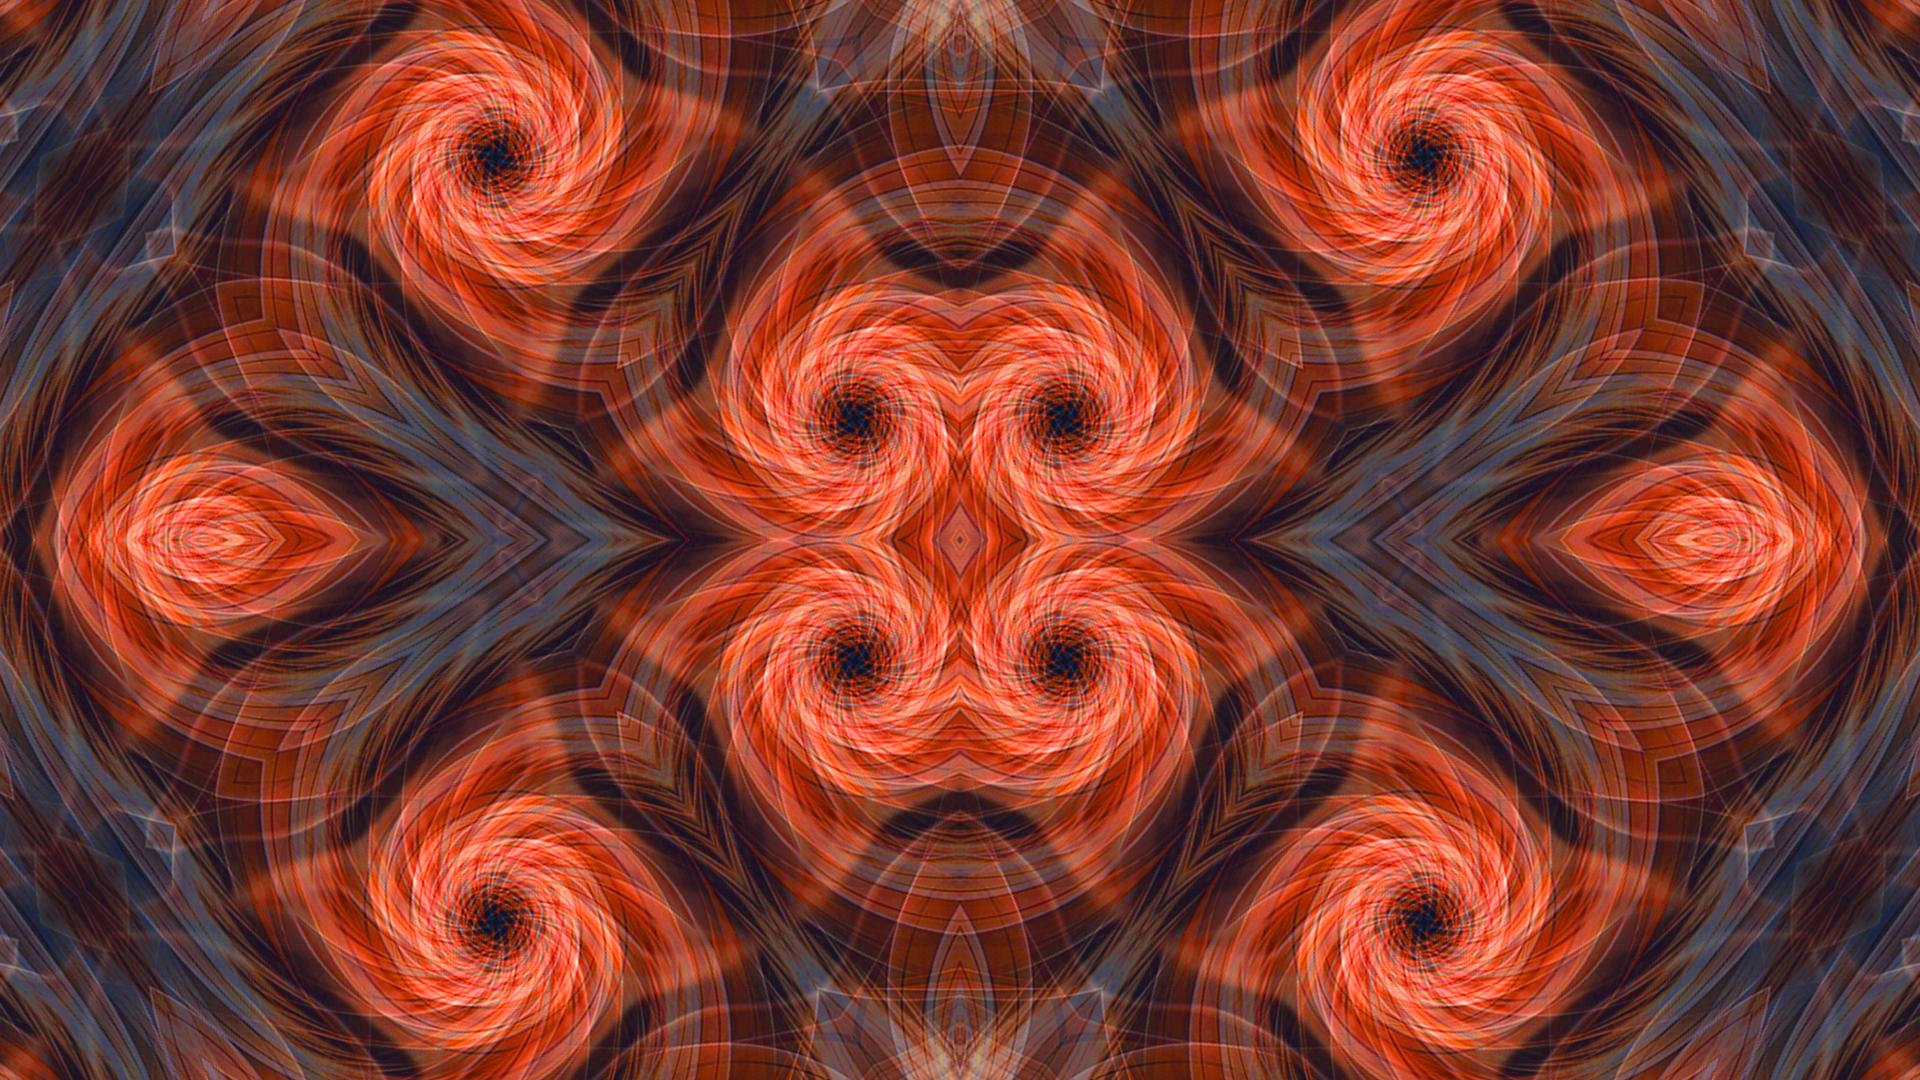 Guillochis Spiral Orange Color 1920x1080